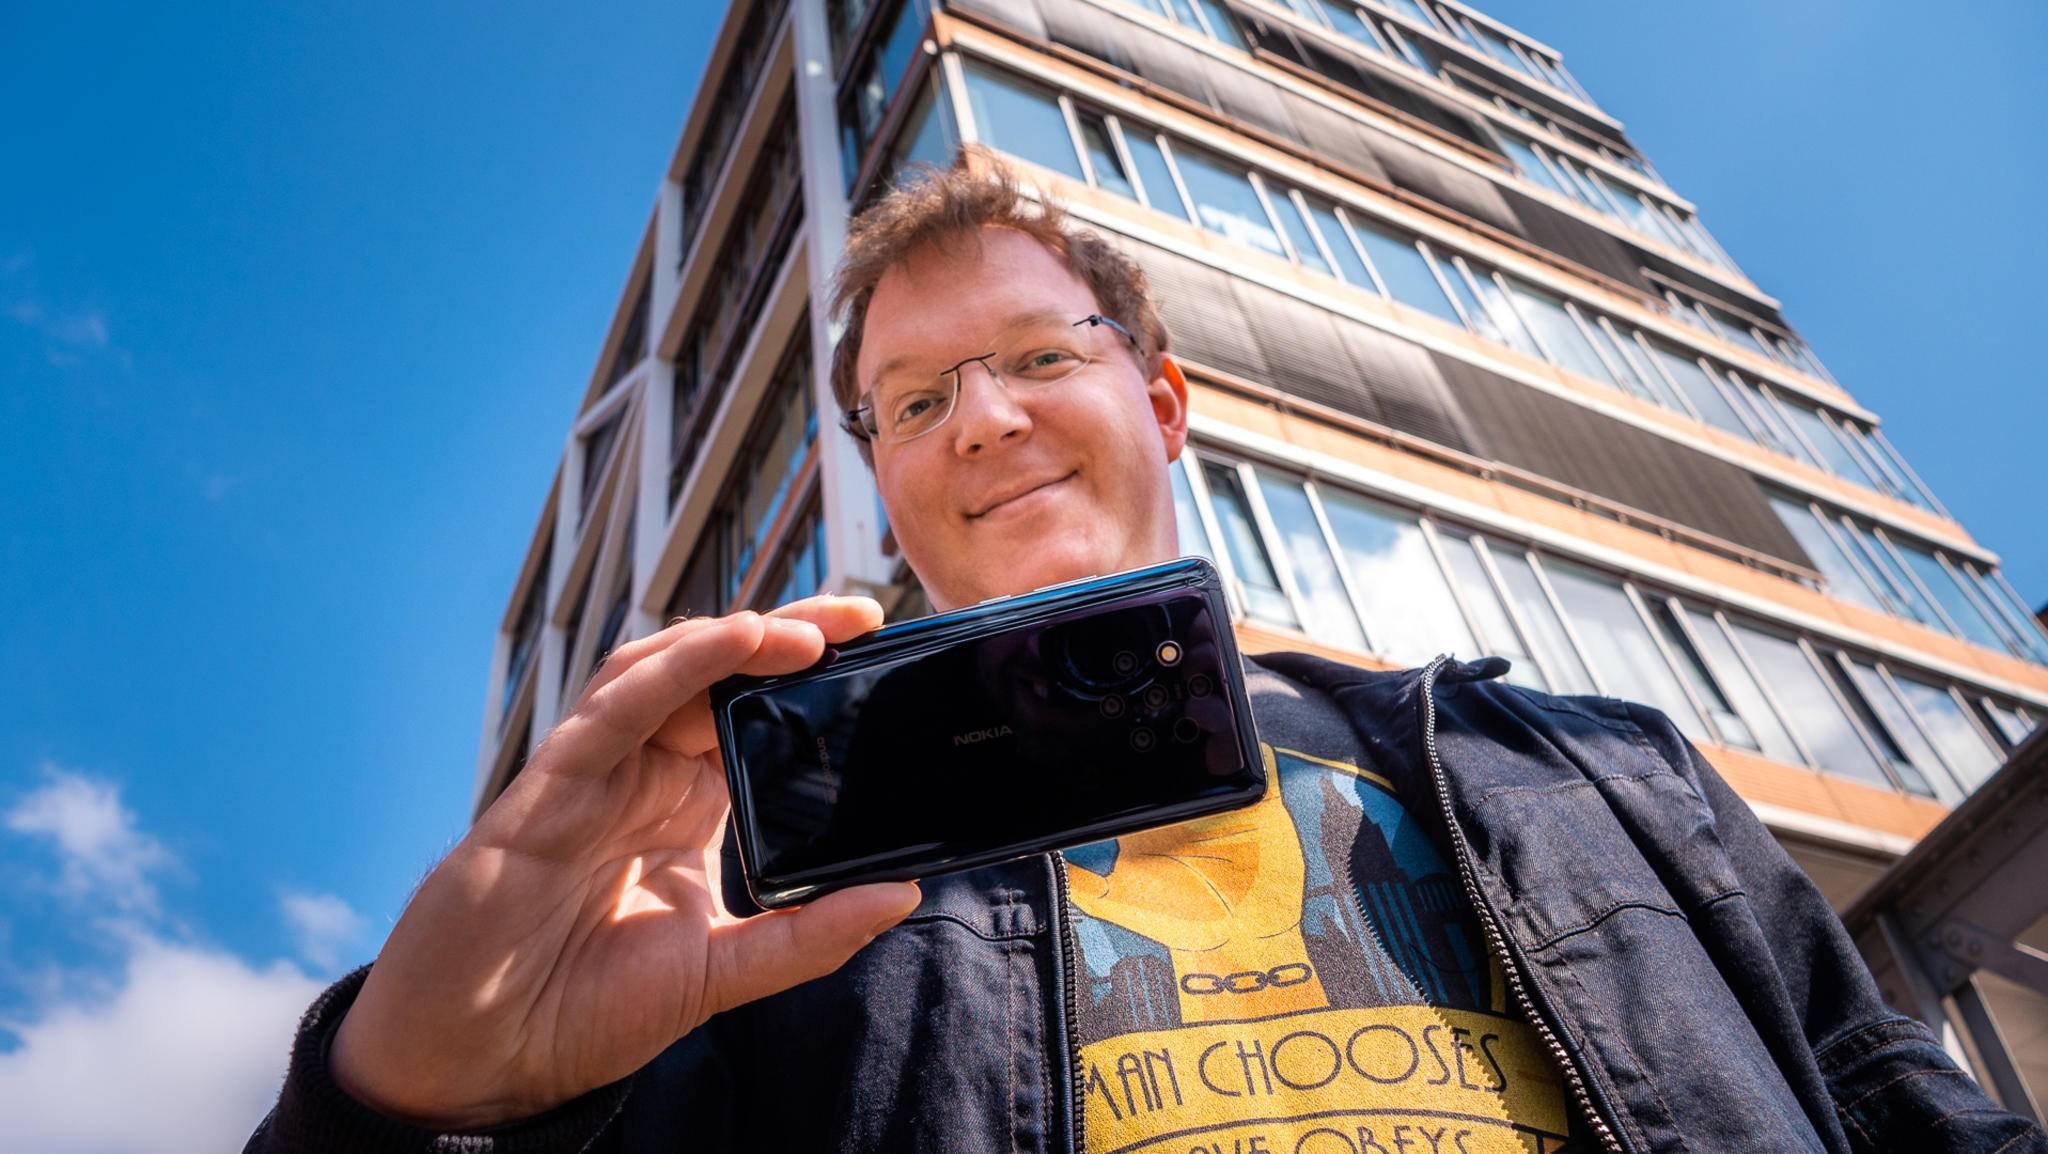 Das Nokia 9 PureView möchte ein revolutionäres Kamera-Smartphone sein.